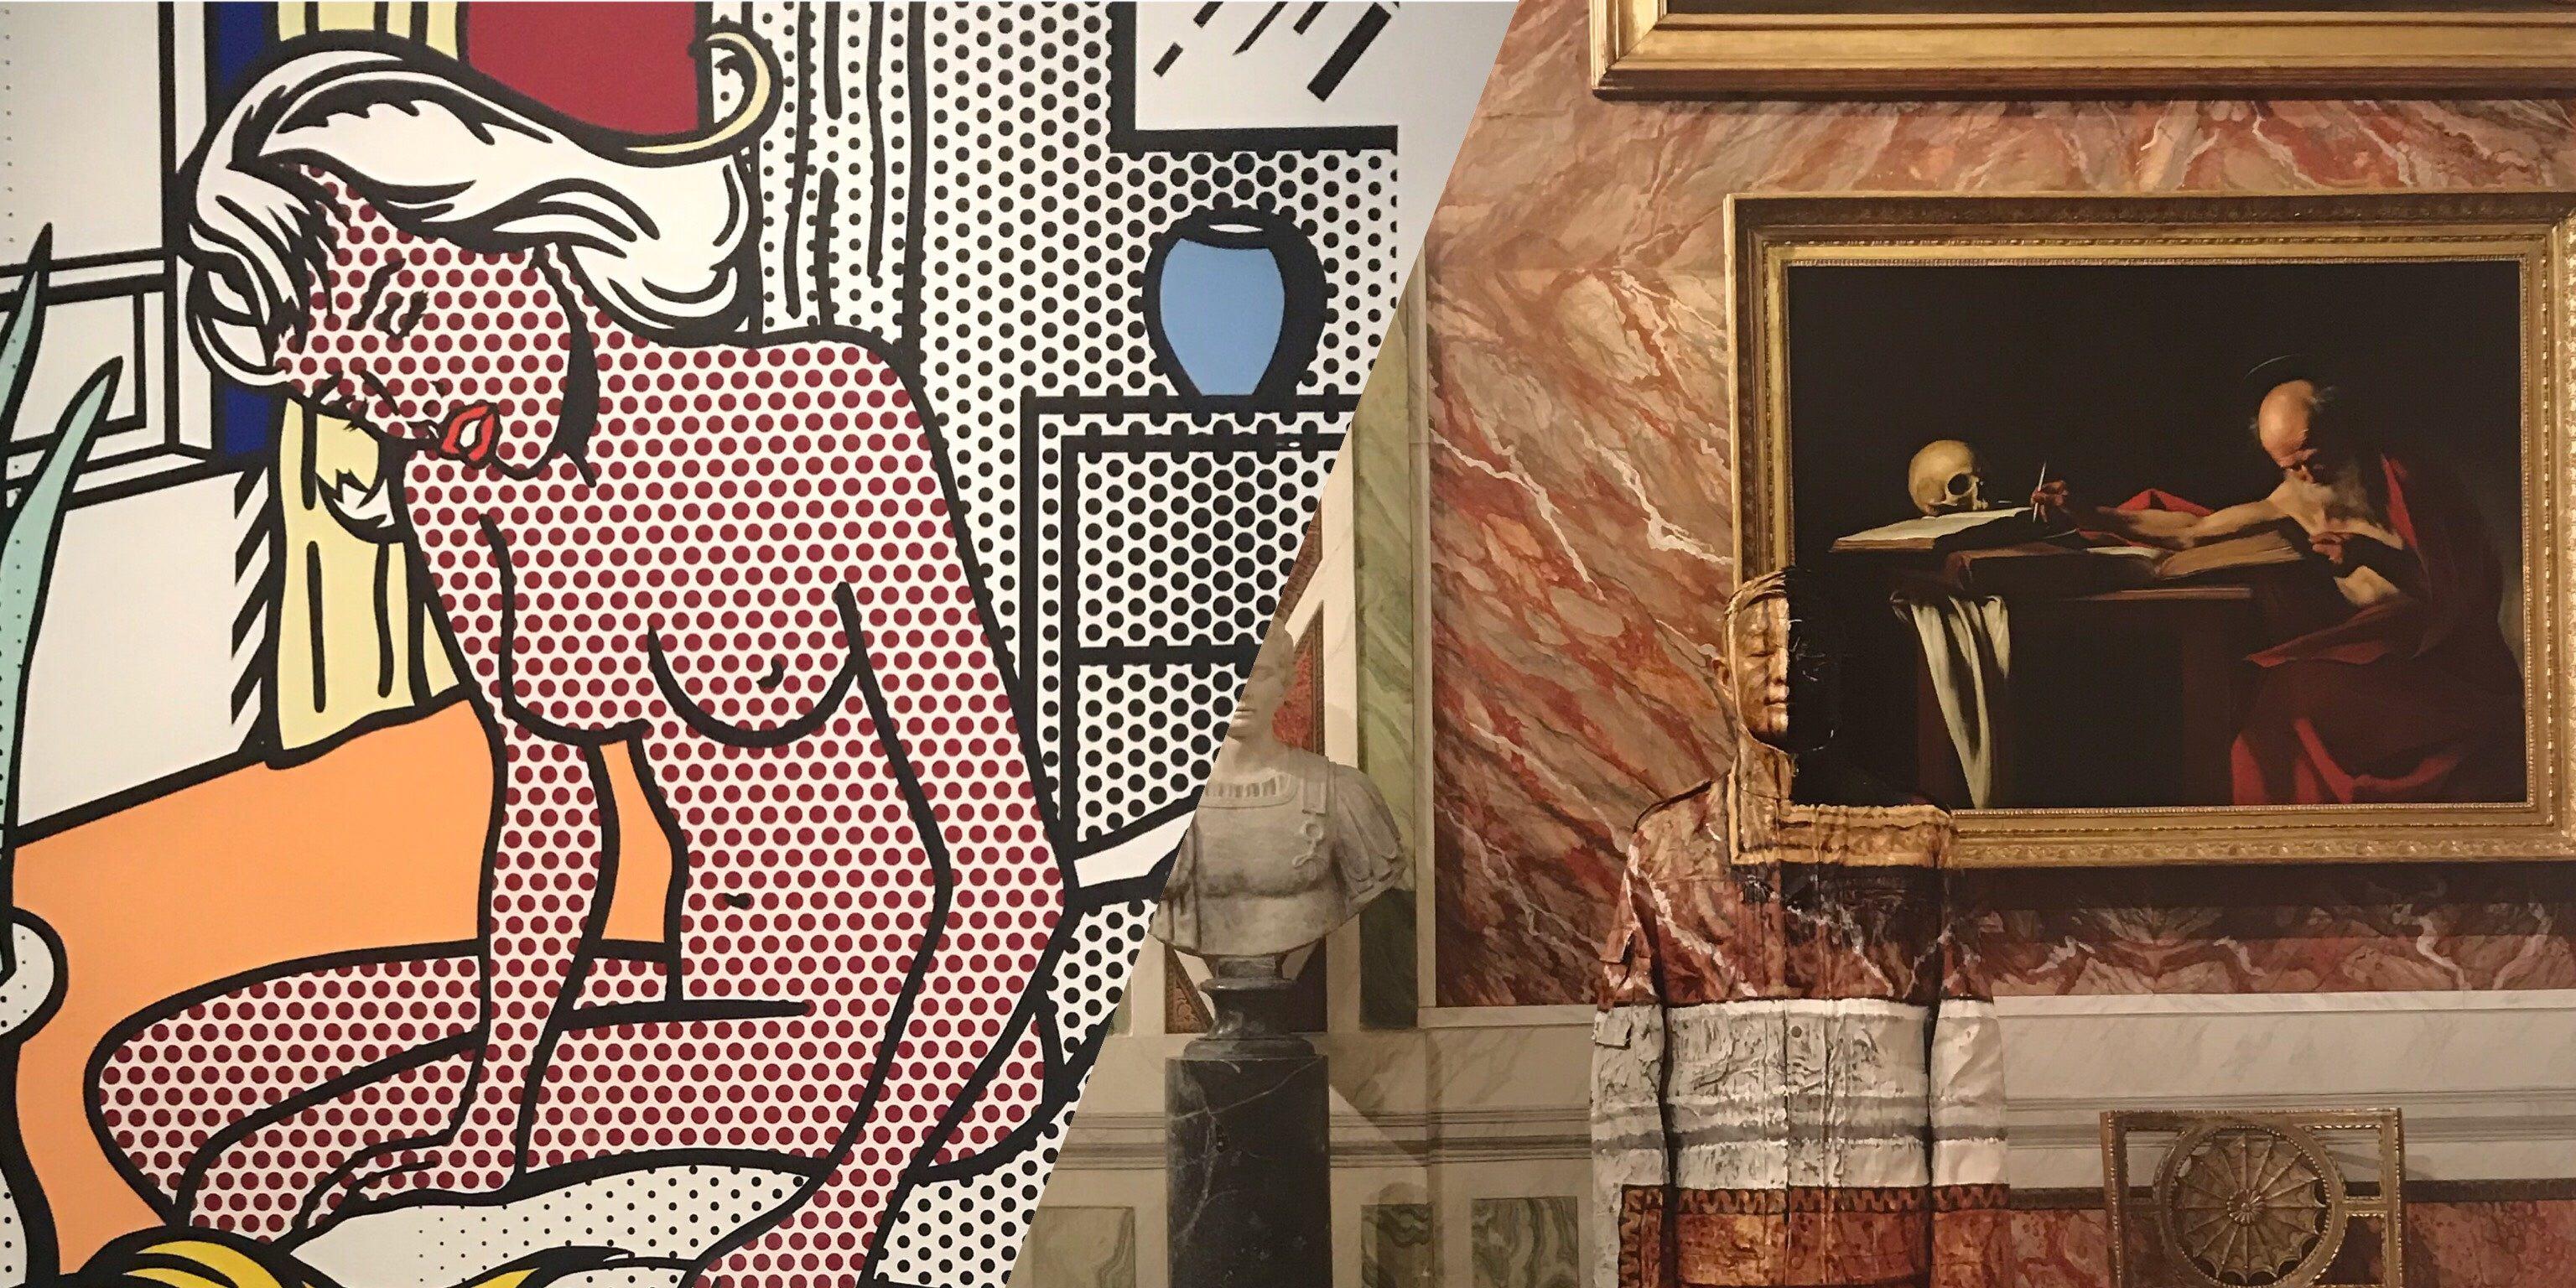 Mudec di Milano - Lichtenstein e Liu Bolin